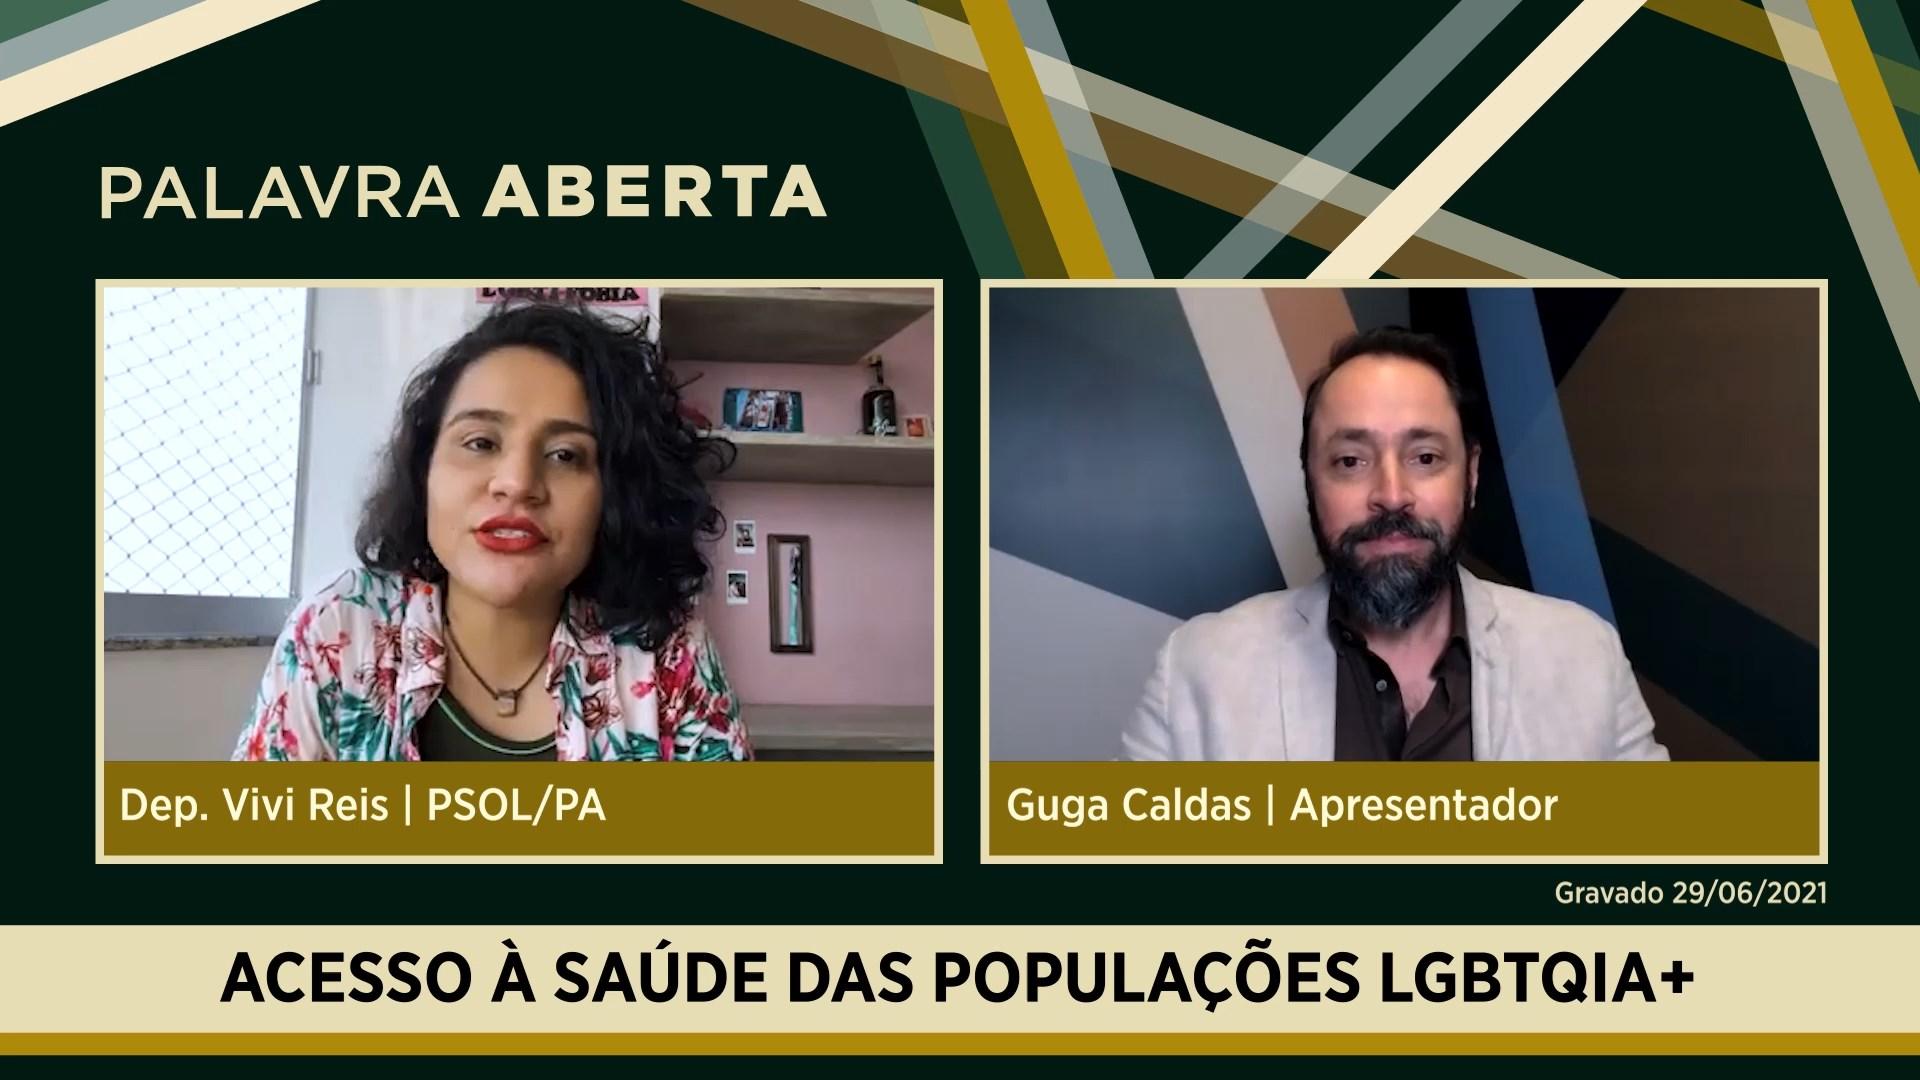 Acesso à saúde das populações LGBTQIA+